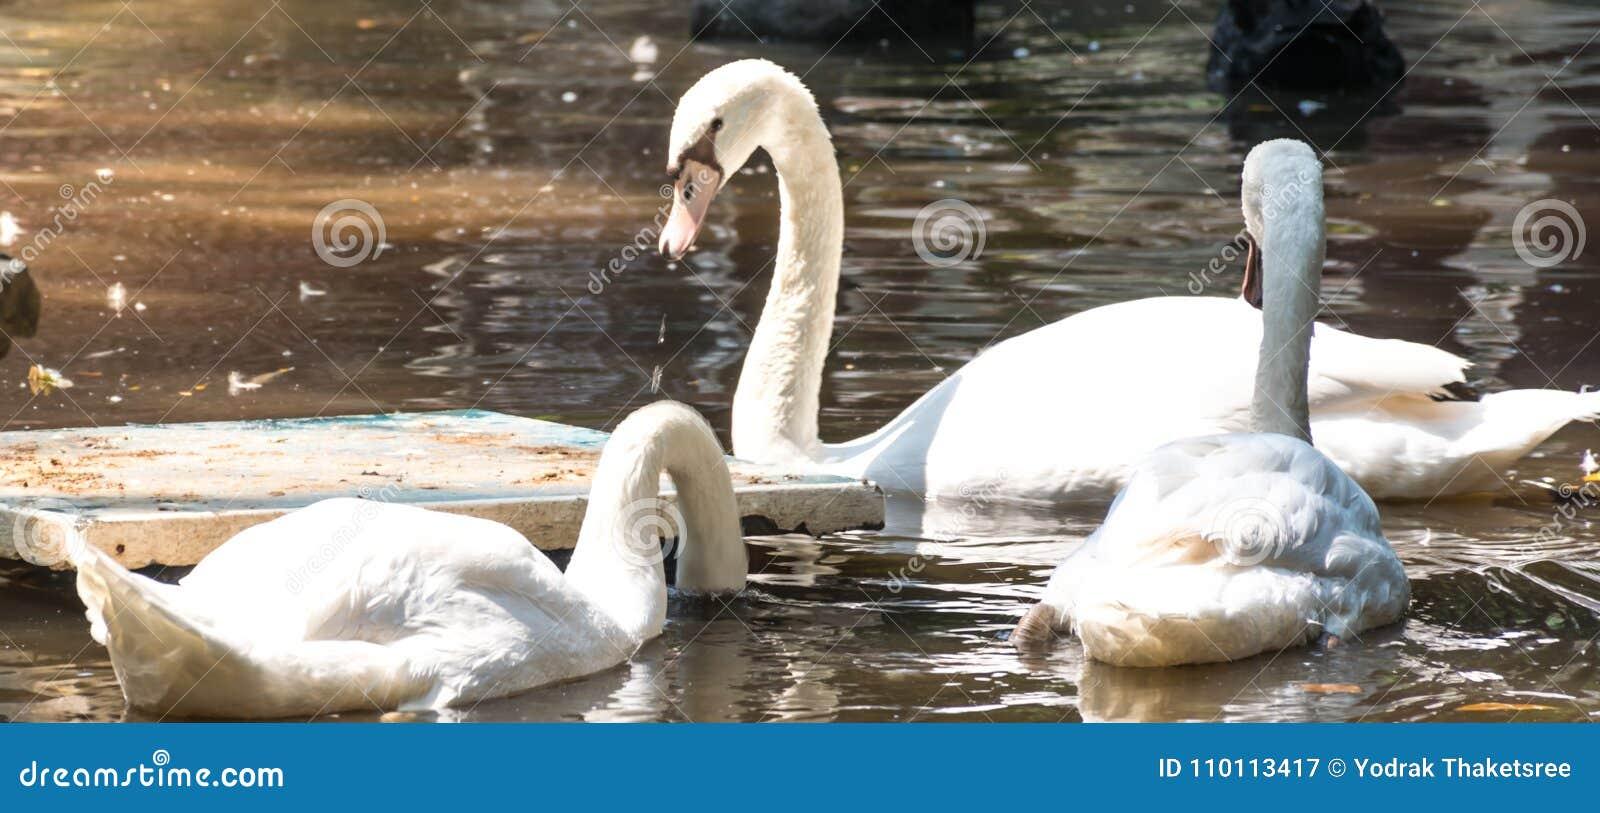 Swan bird in water